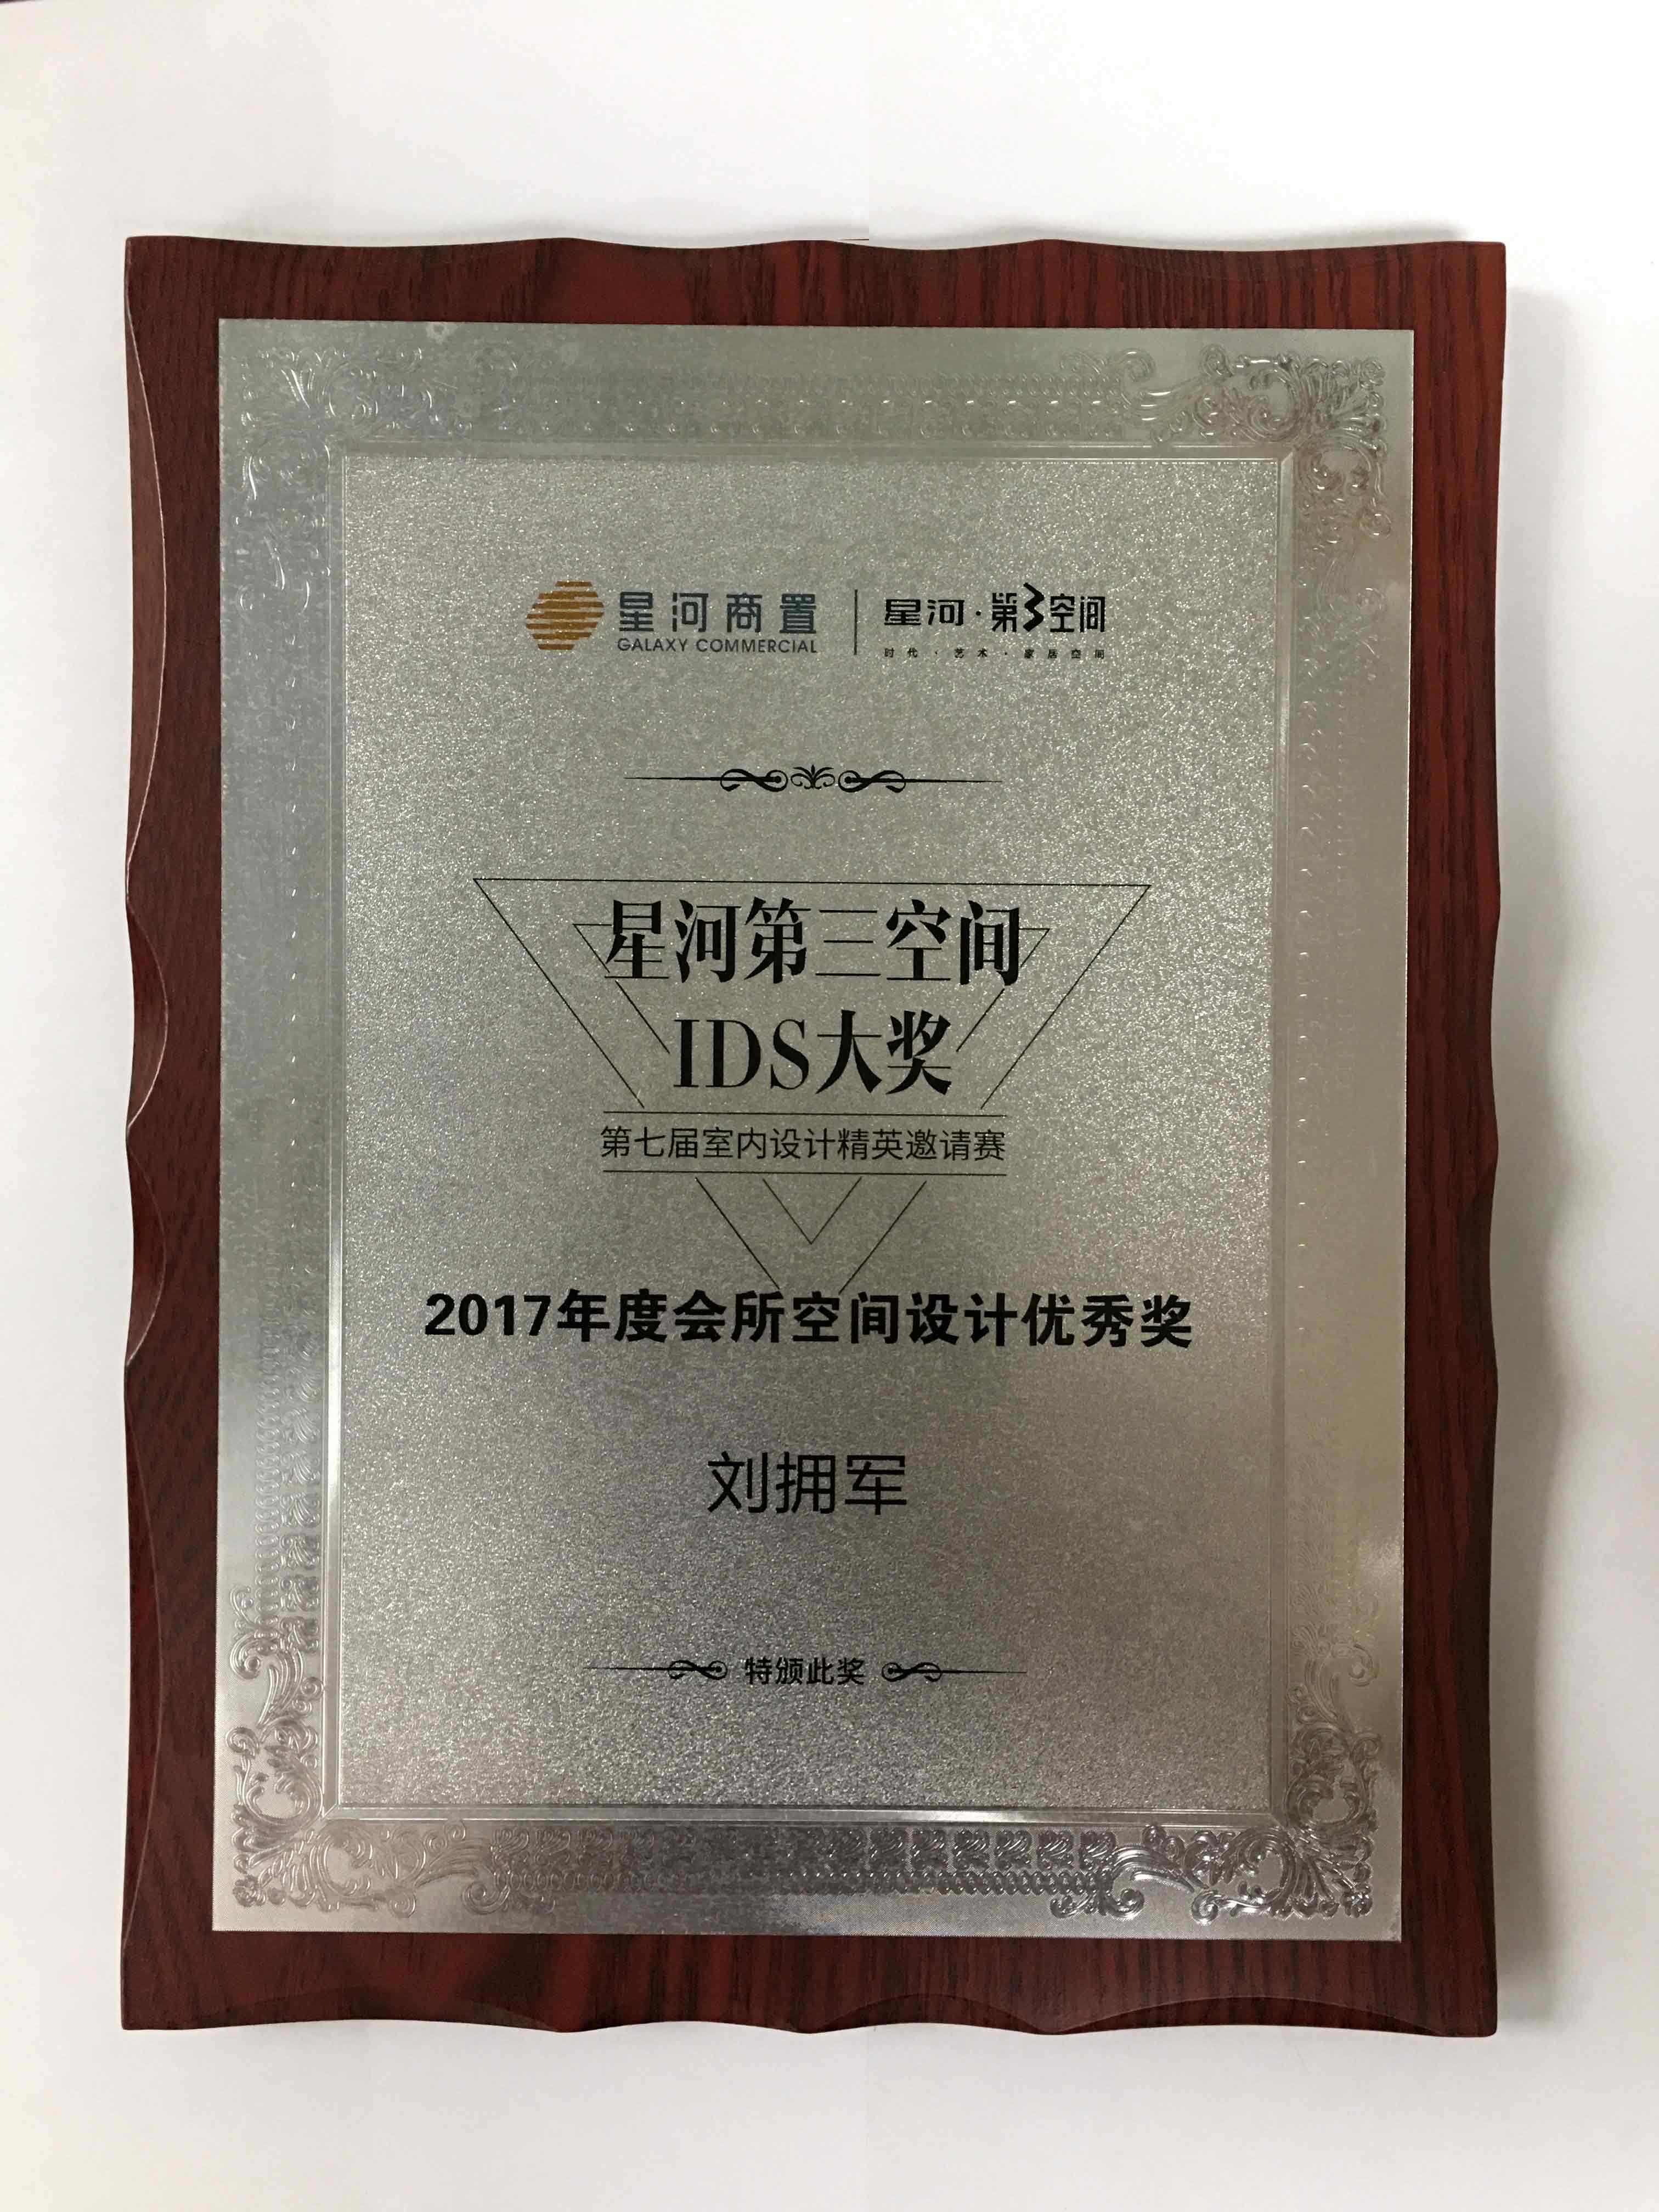 2017年度会所空间设计优秀奖